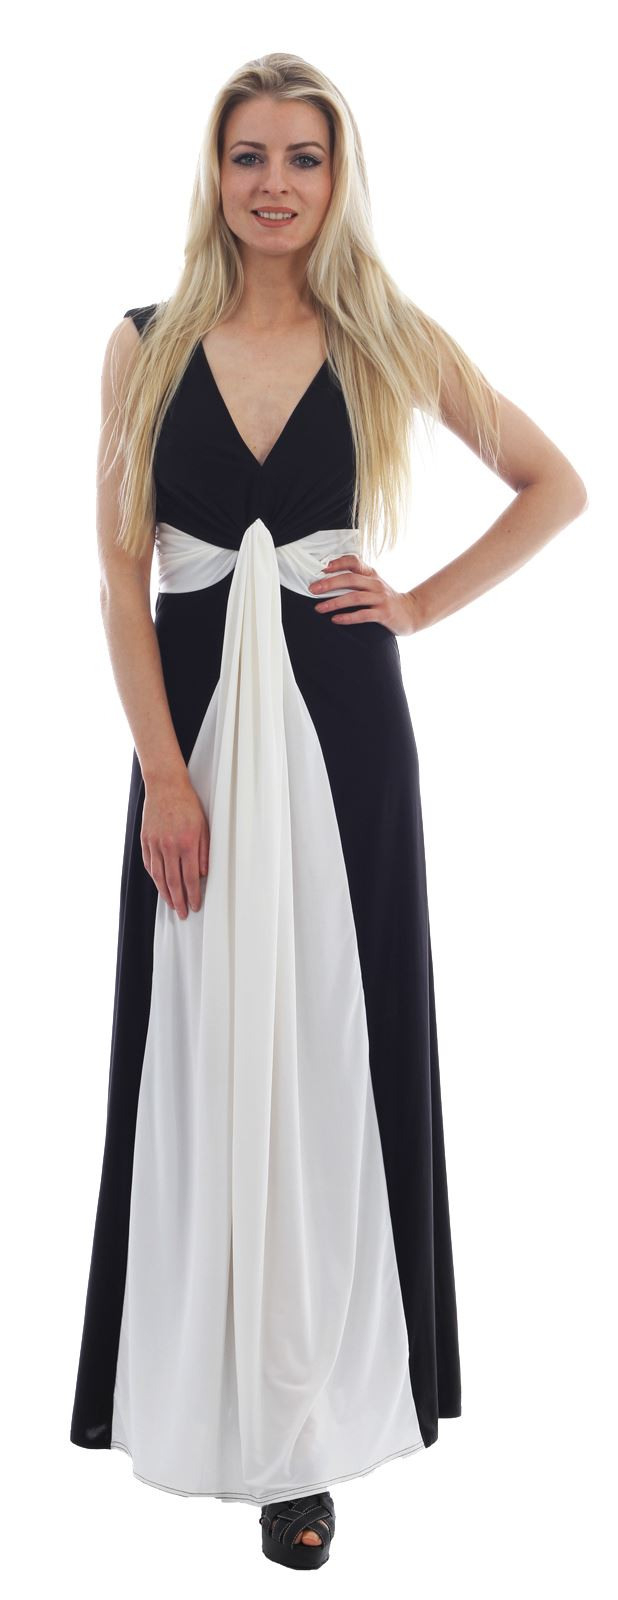 15 Fantastisch Abend Maxi Kleid BoutiqueFormal Schön Abend Maxi Kleid Vertrieb